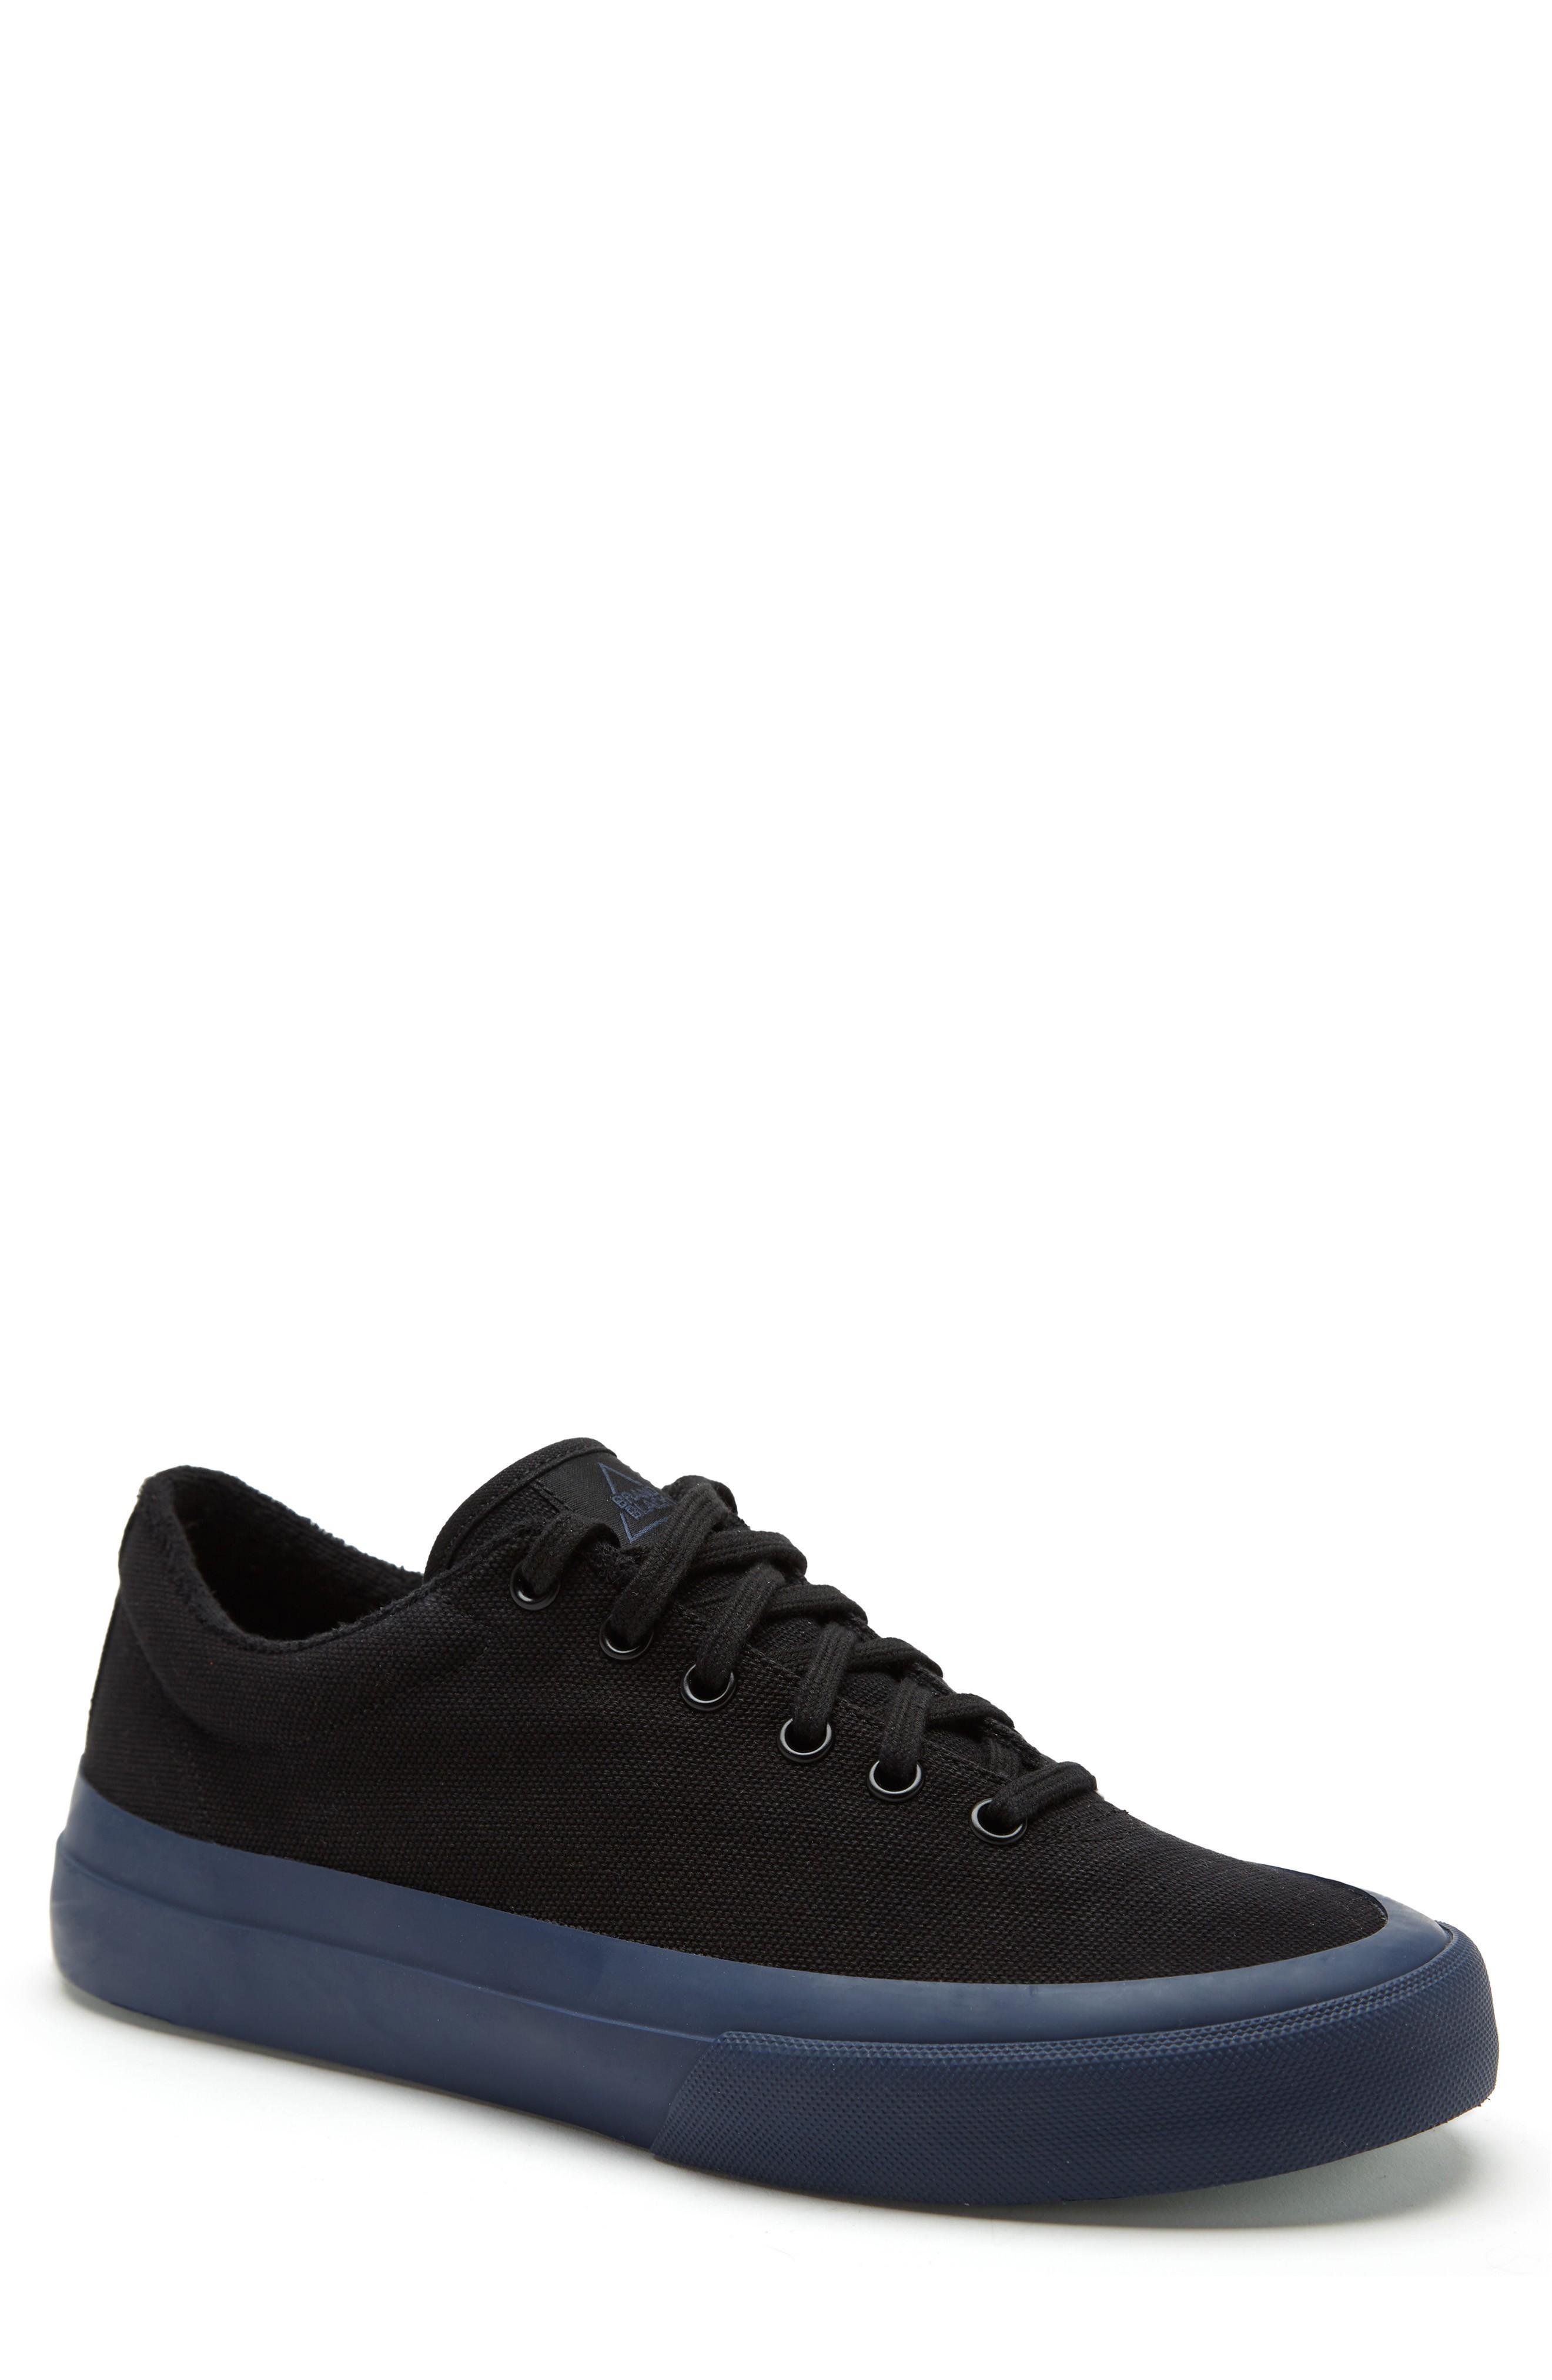 8db718bea7d9 Brandblack Vesta Low Top Sneaker In Black  Navy